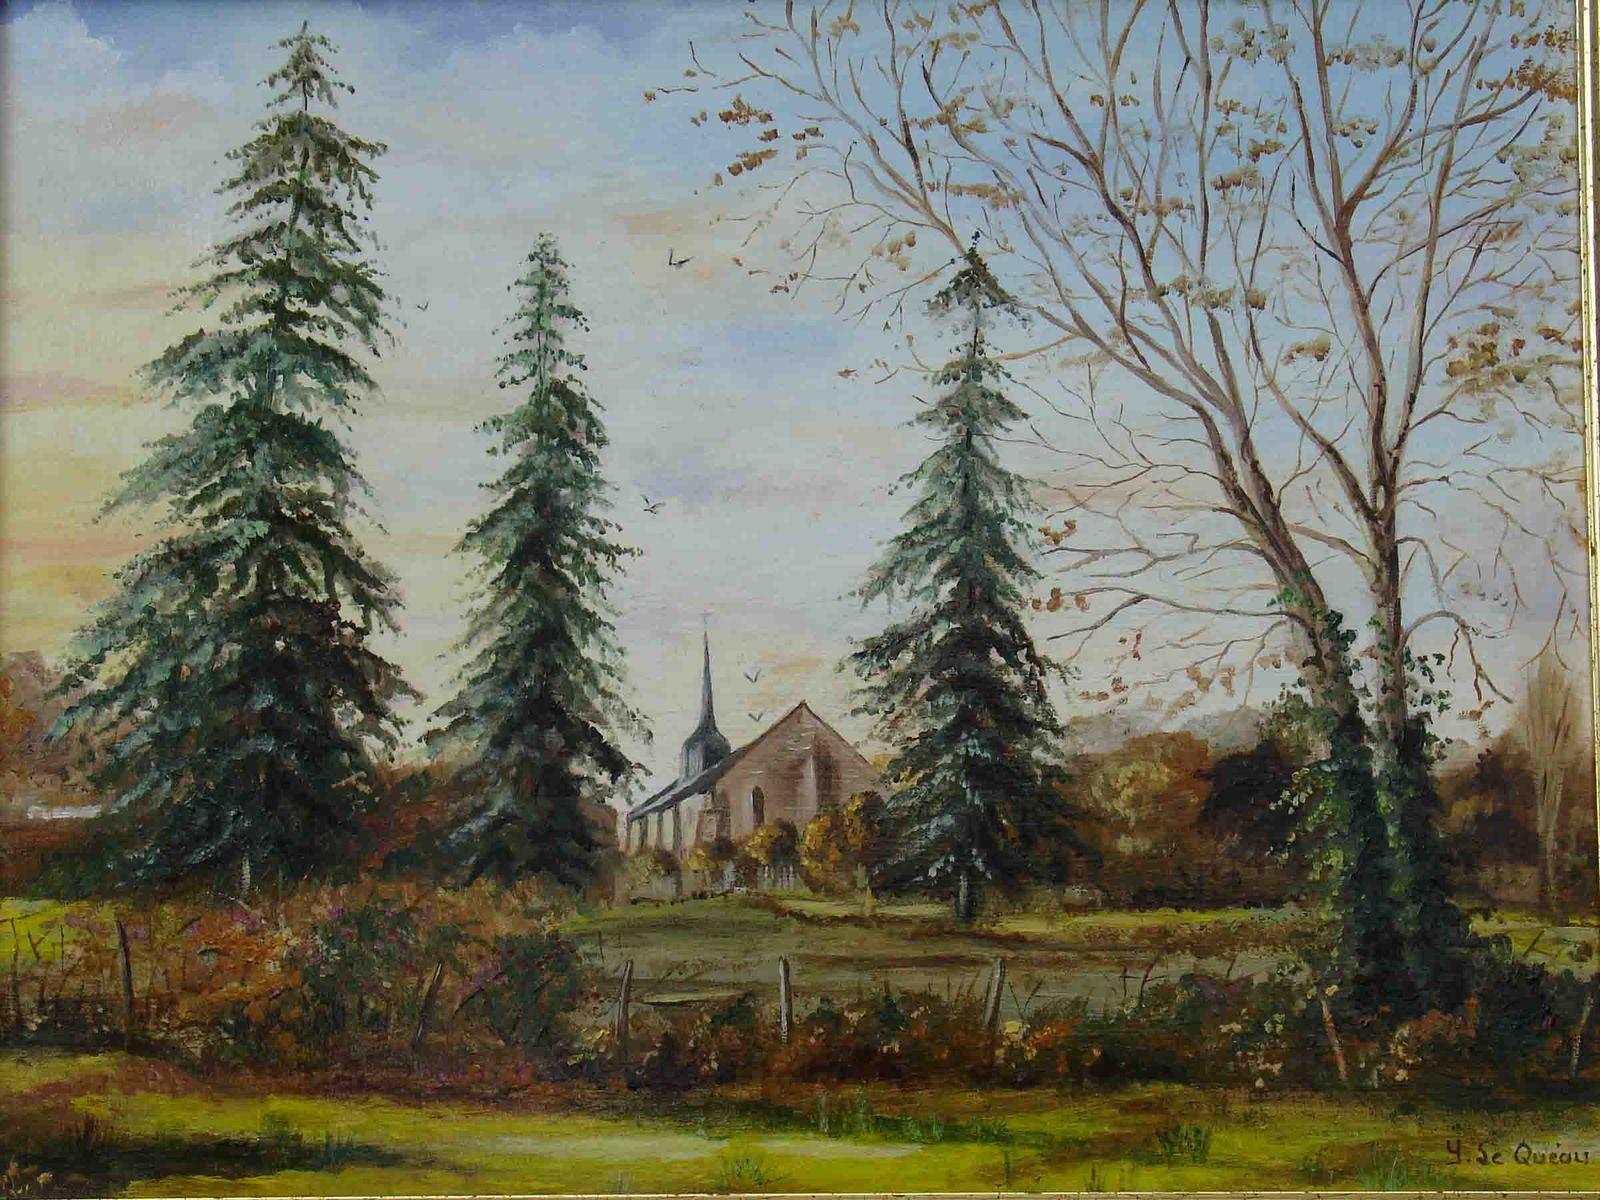 La chapelle de Fréligné en Vendée, huile sur toile